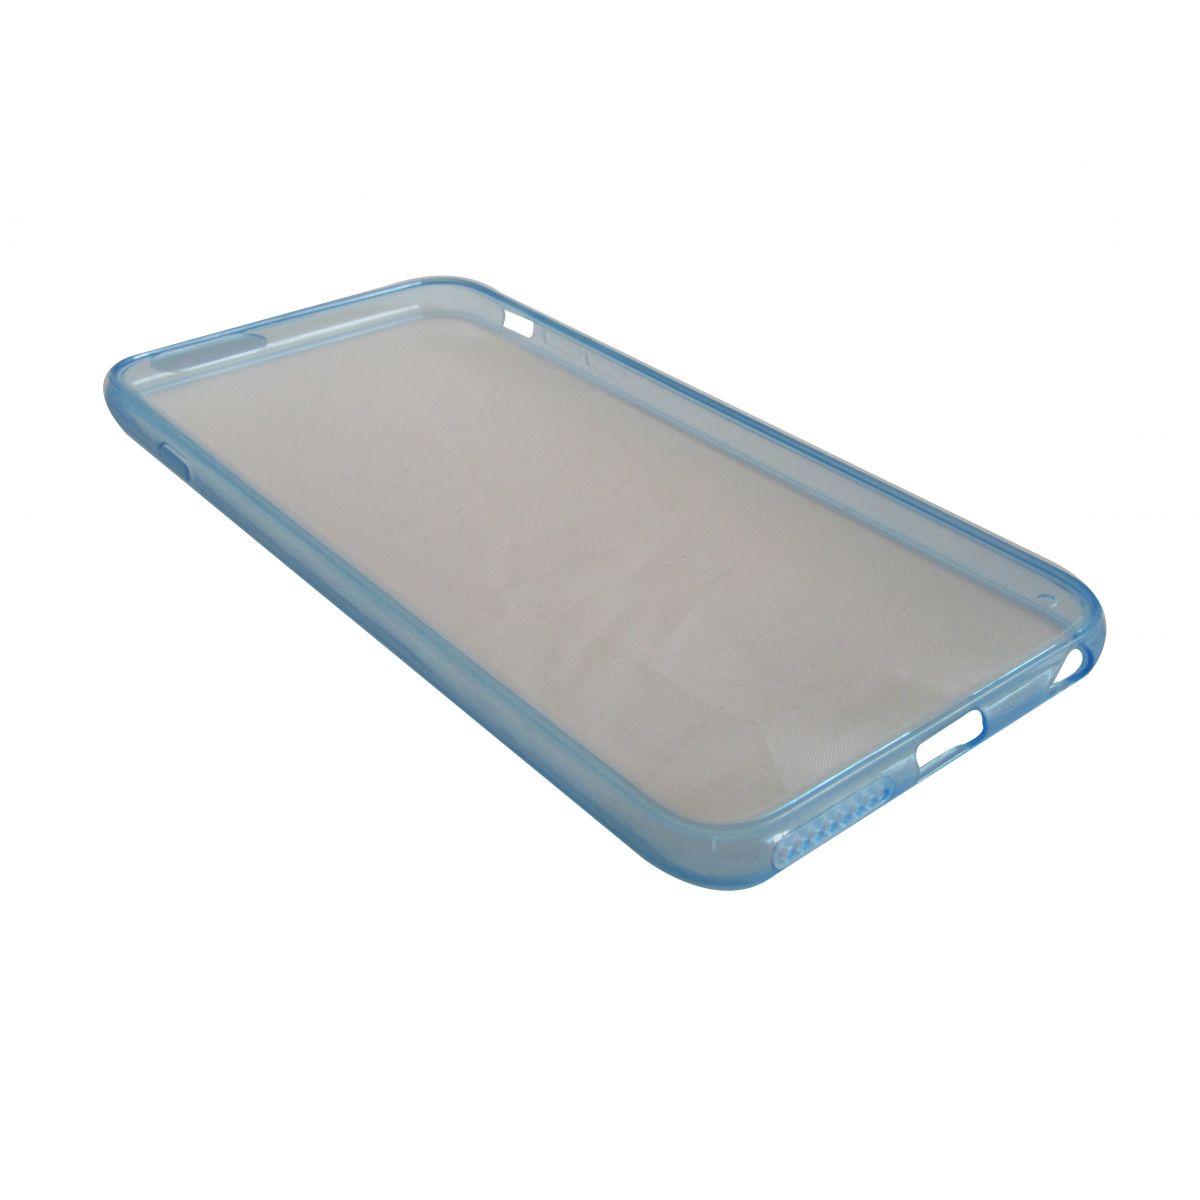 Capa Bumper Exclusiva Iphone 6 Plus Azul